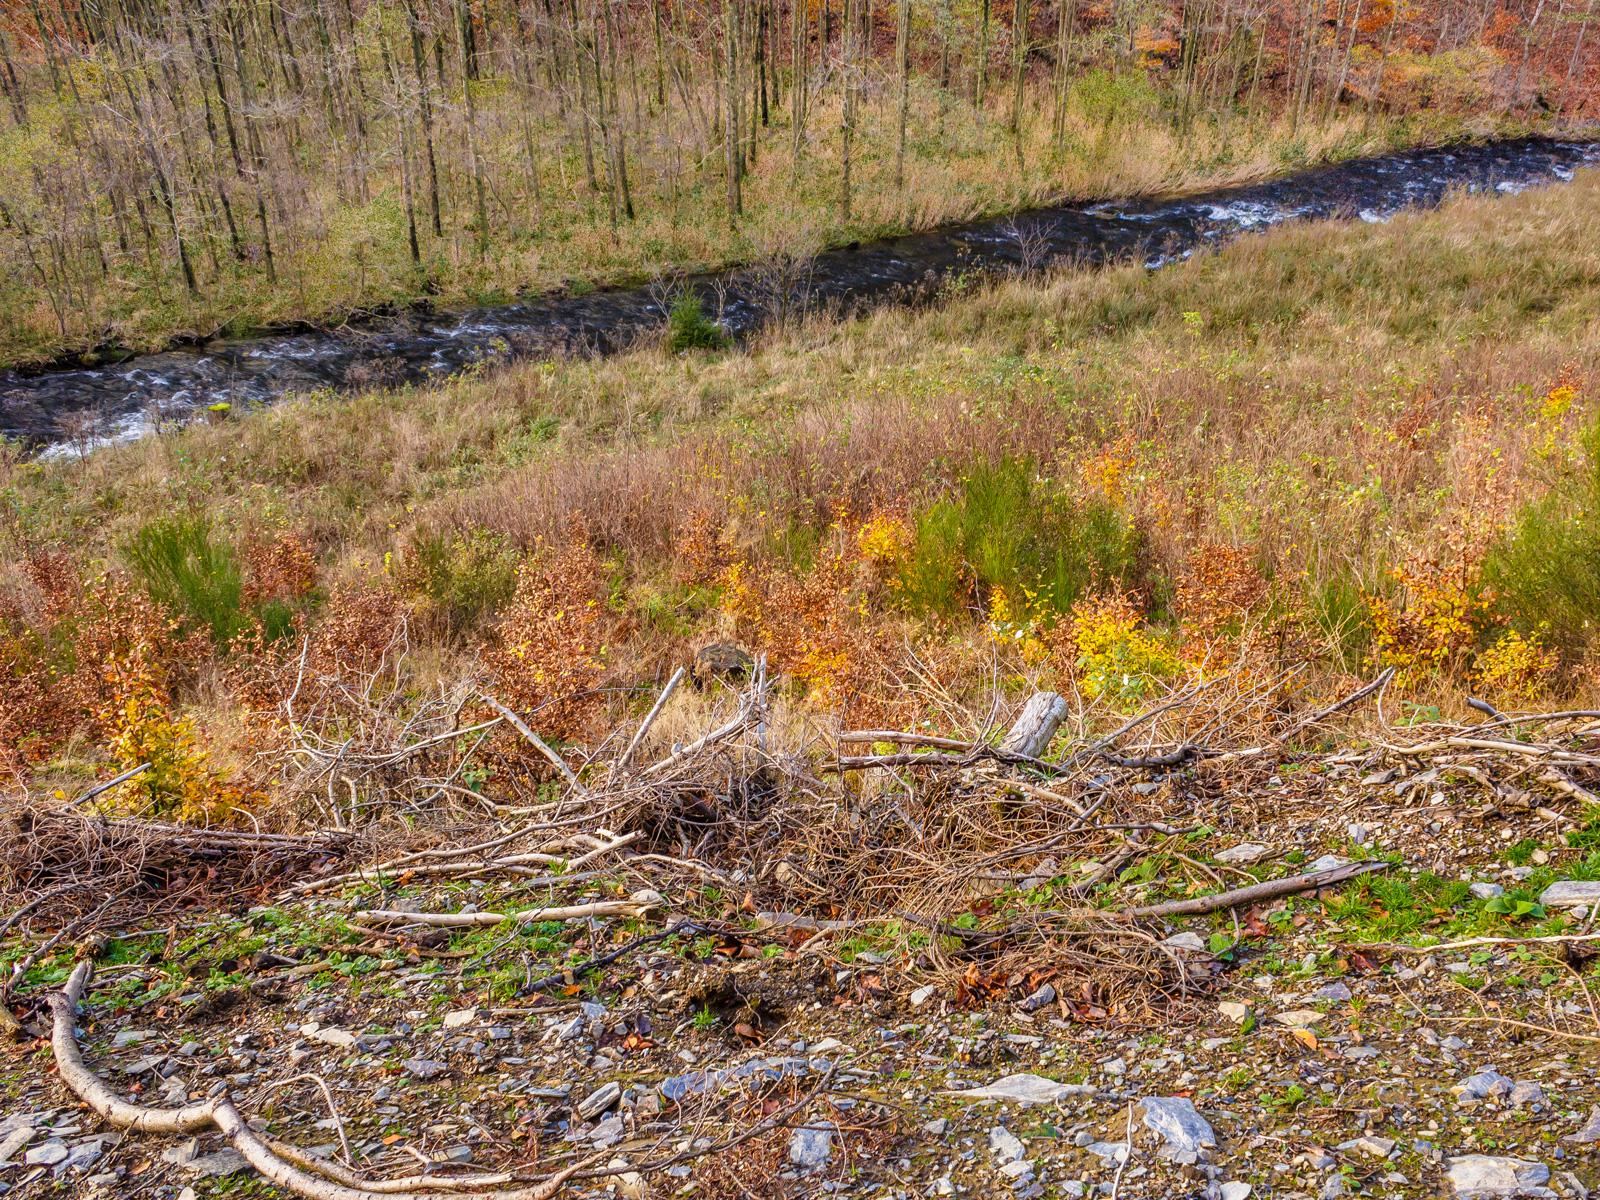 künstlich angepflanzte Buchen auf degradiertem Boden